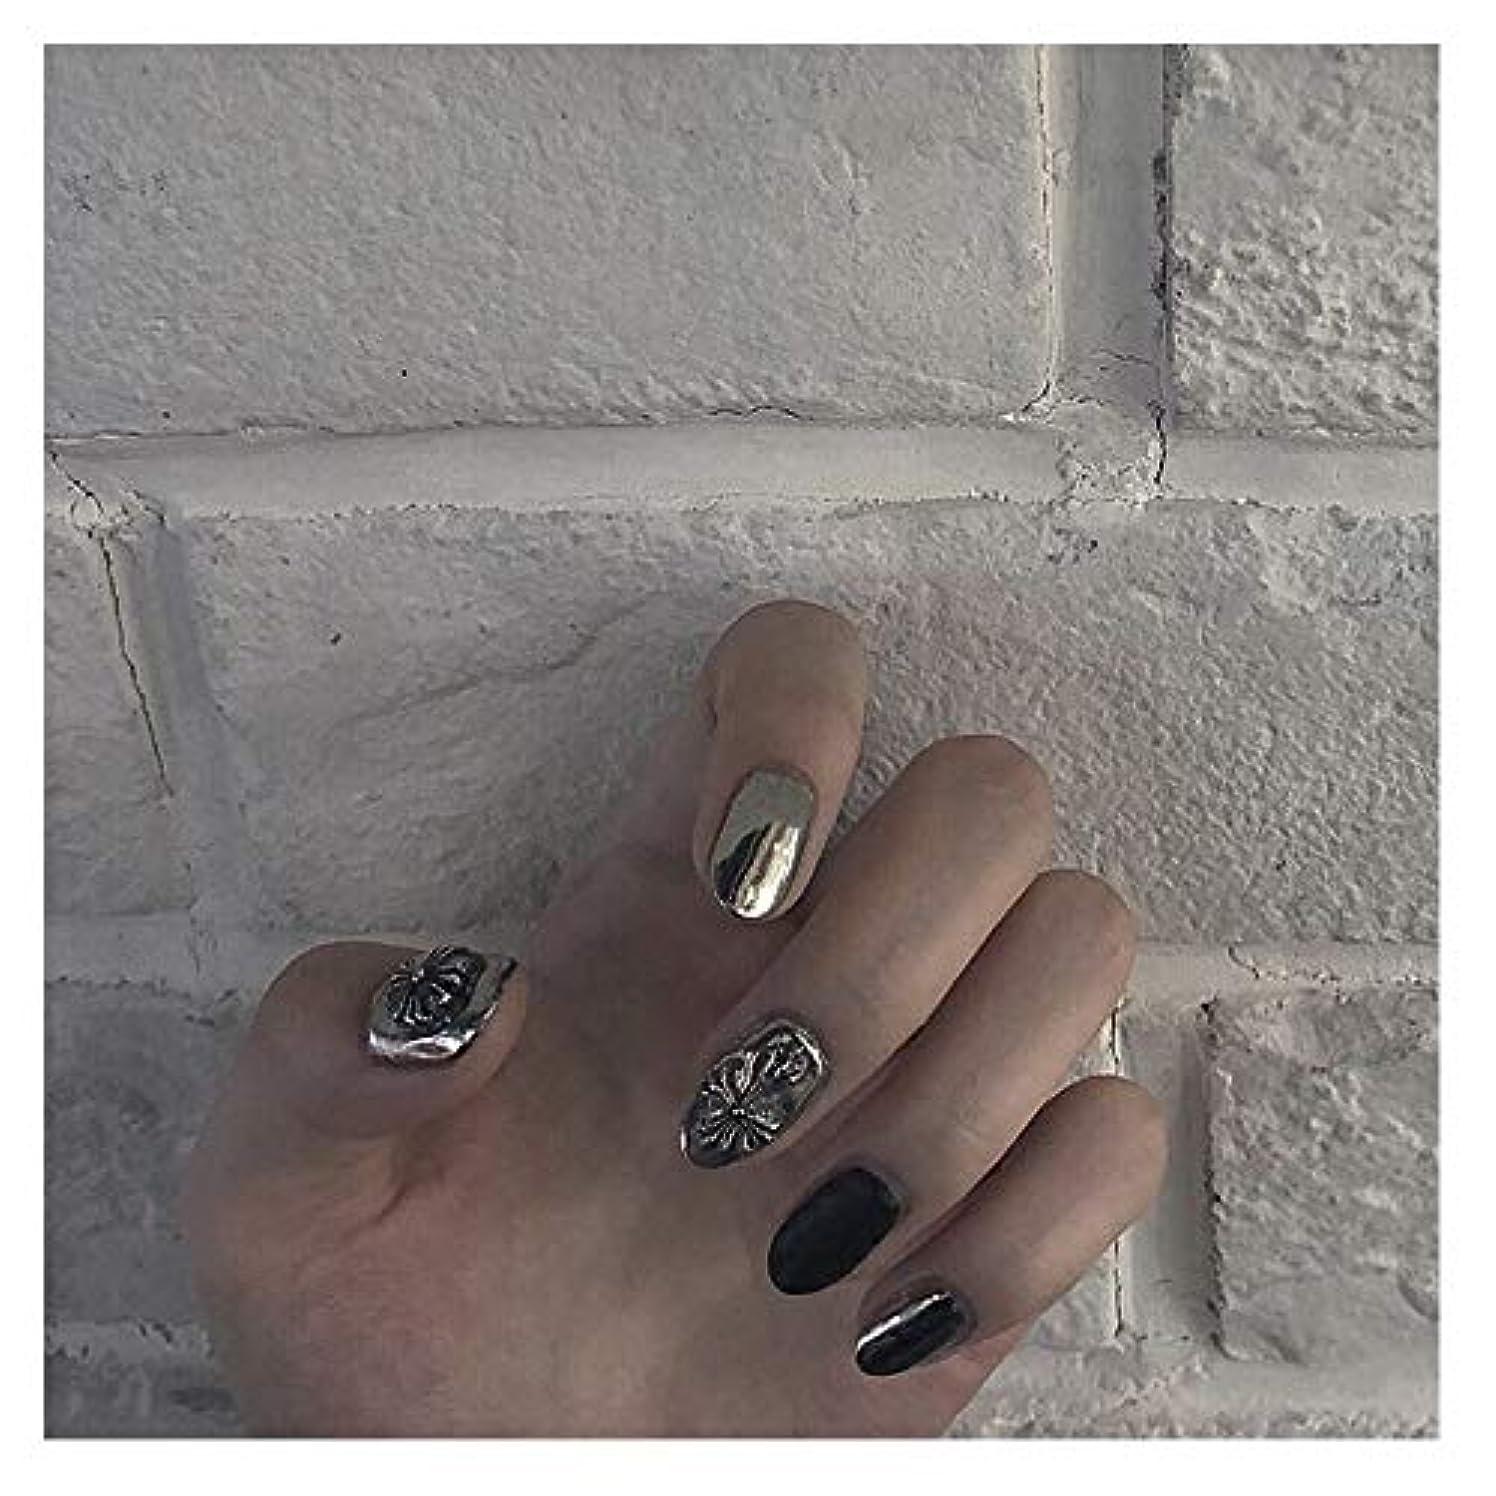 大騒ぎドキドキブレーキBOBIDYEE シルバークロスゴススタイルグルーフェイクネイルズファッション単一製品アクセサリーラウンドネイルズ光沢のあるシルバー+ブラック (色 : 24 pieces)